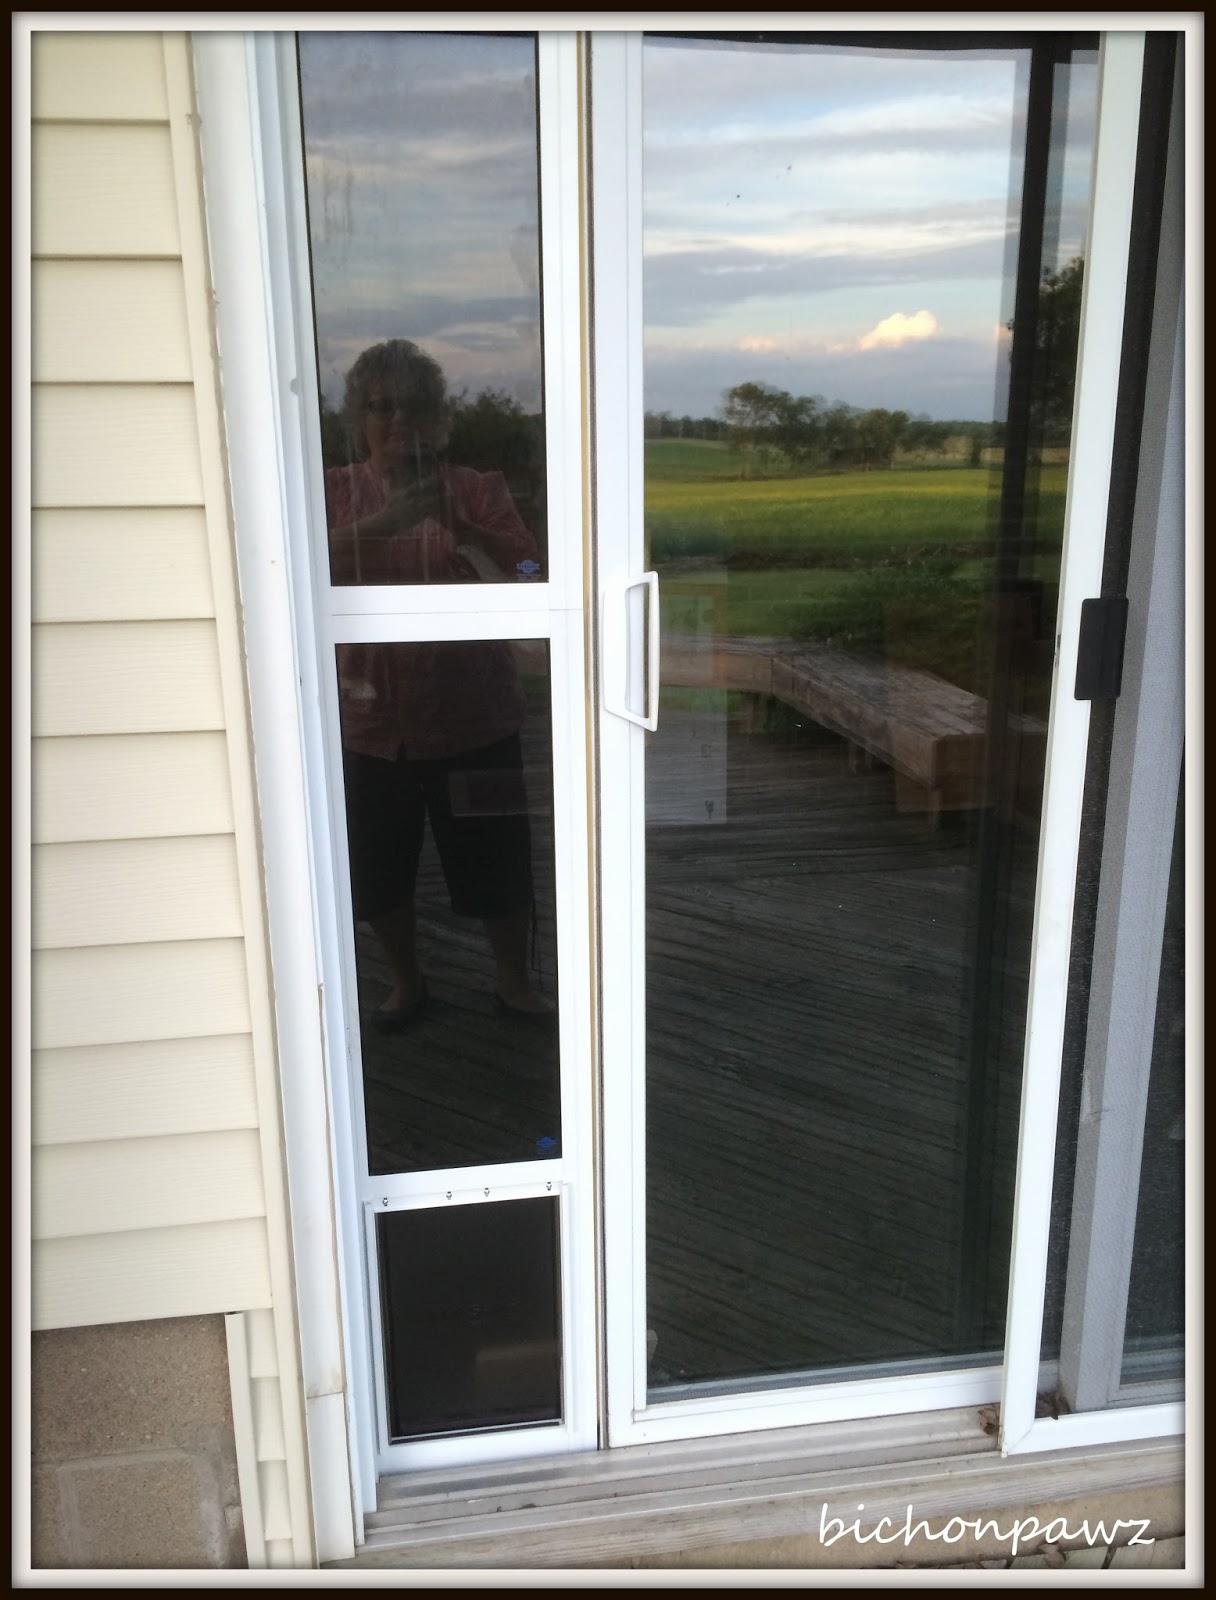 bichonpawz: #PetSafe Sliding Glass Pet Door Giveaway!!